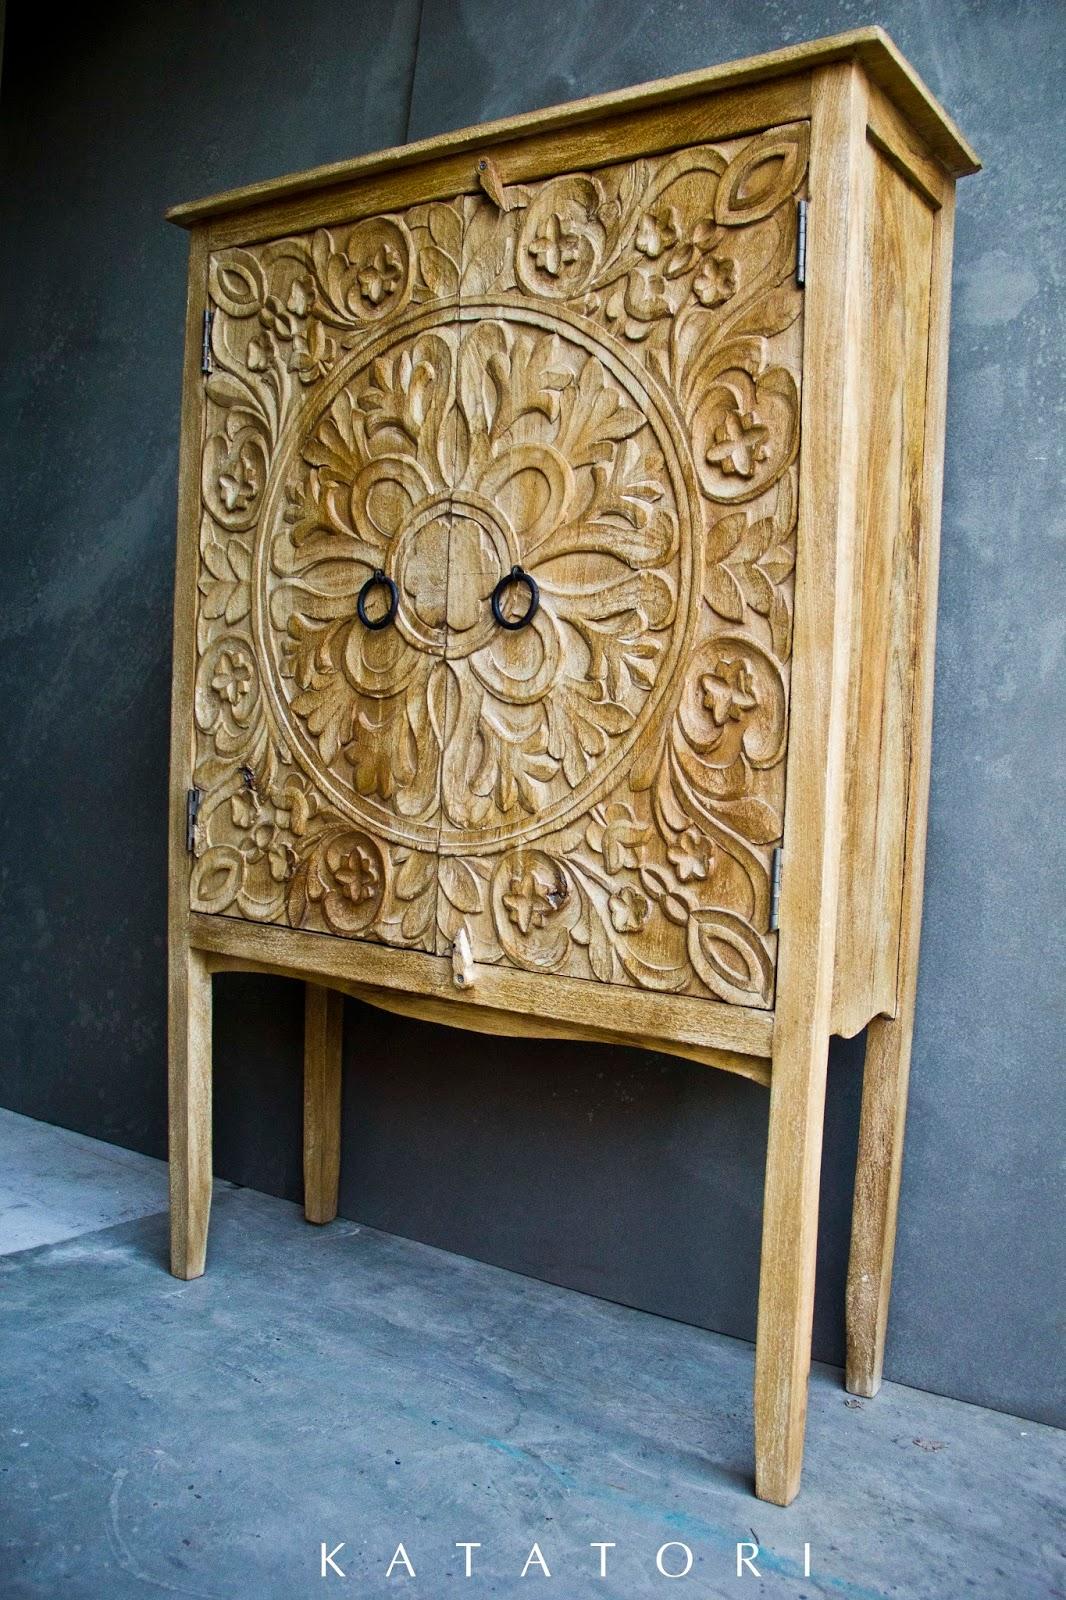 Katatori interiores maderas claras y blancos - Muebles decoracion sevilla ...